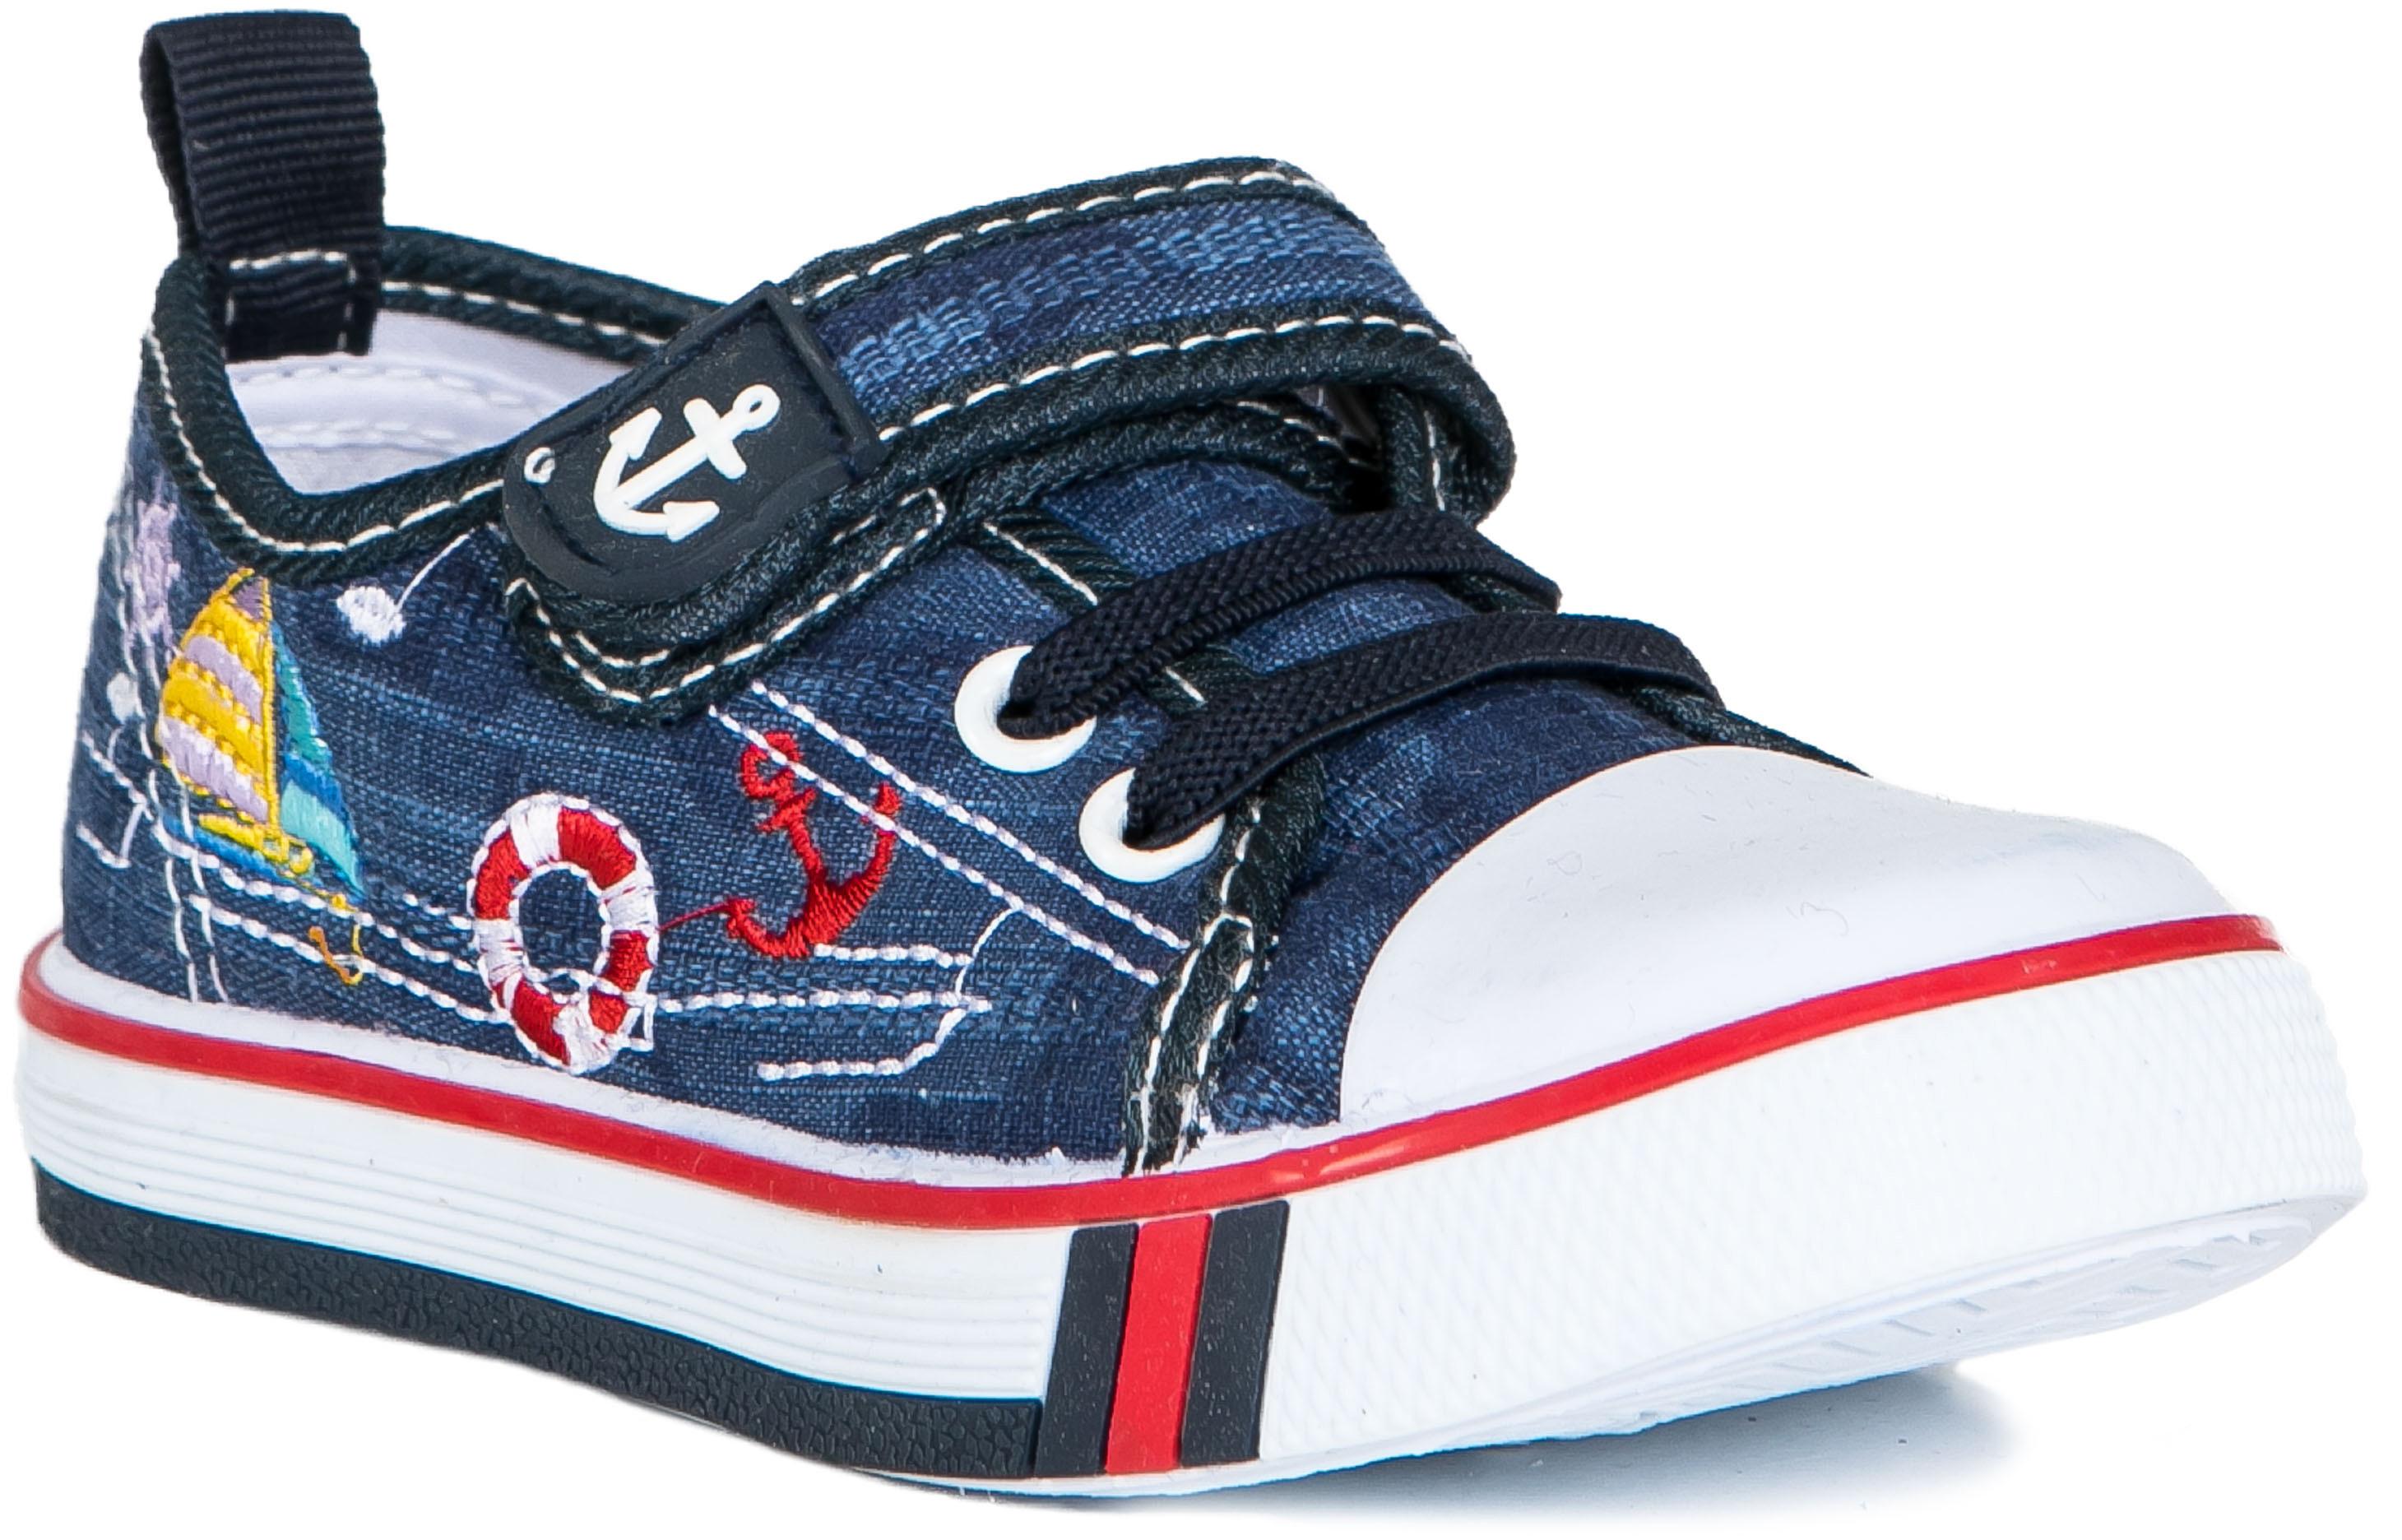 Кроссовки и кеды, KRS18310, Barkito, Китай, blue, Мужской  - купить со скидкой